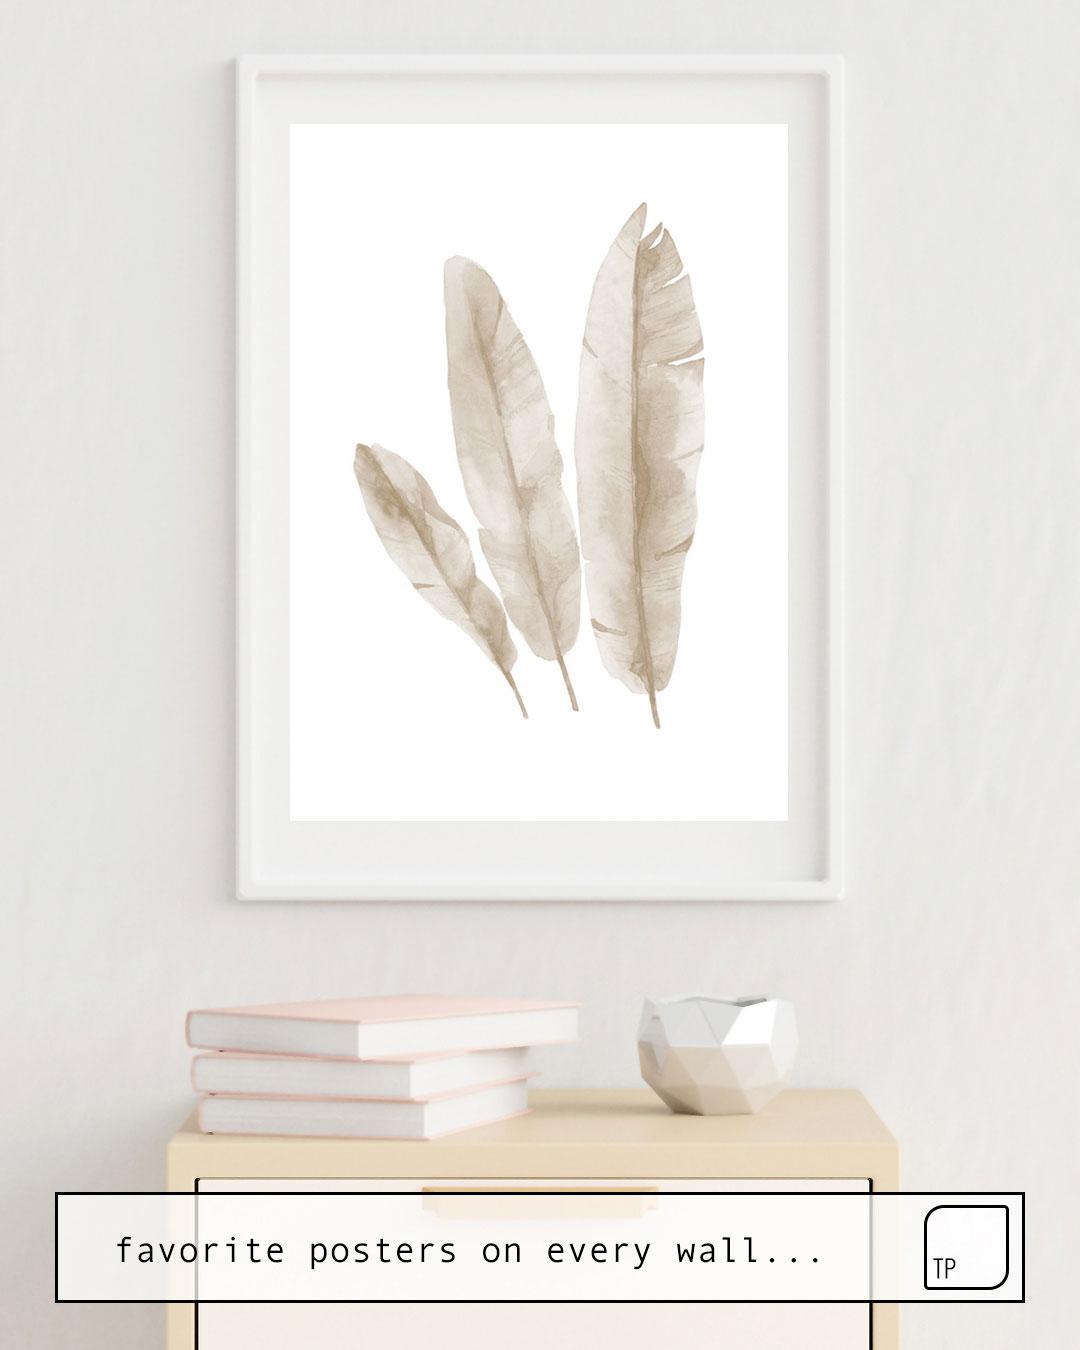 La photo montre un exemple d'ameublement avec le motif BEIGE TROPICAL LEAVES par Art by ASolo comme peinture murale